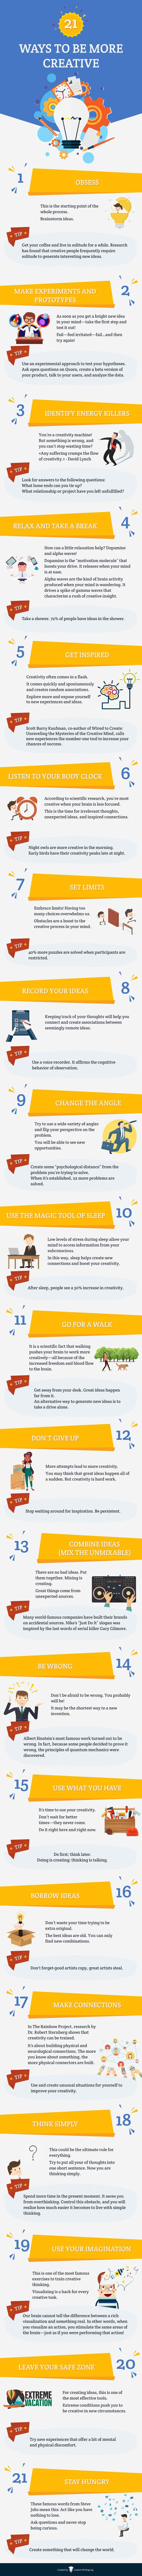 21 maneras de ser más creativo